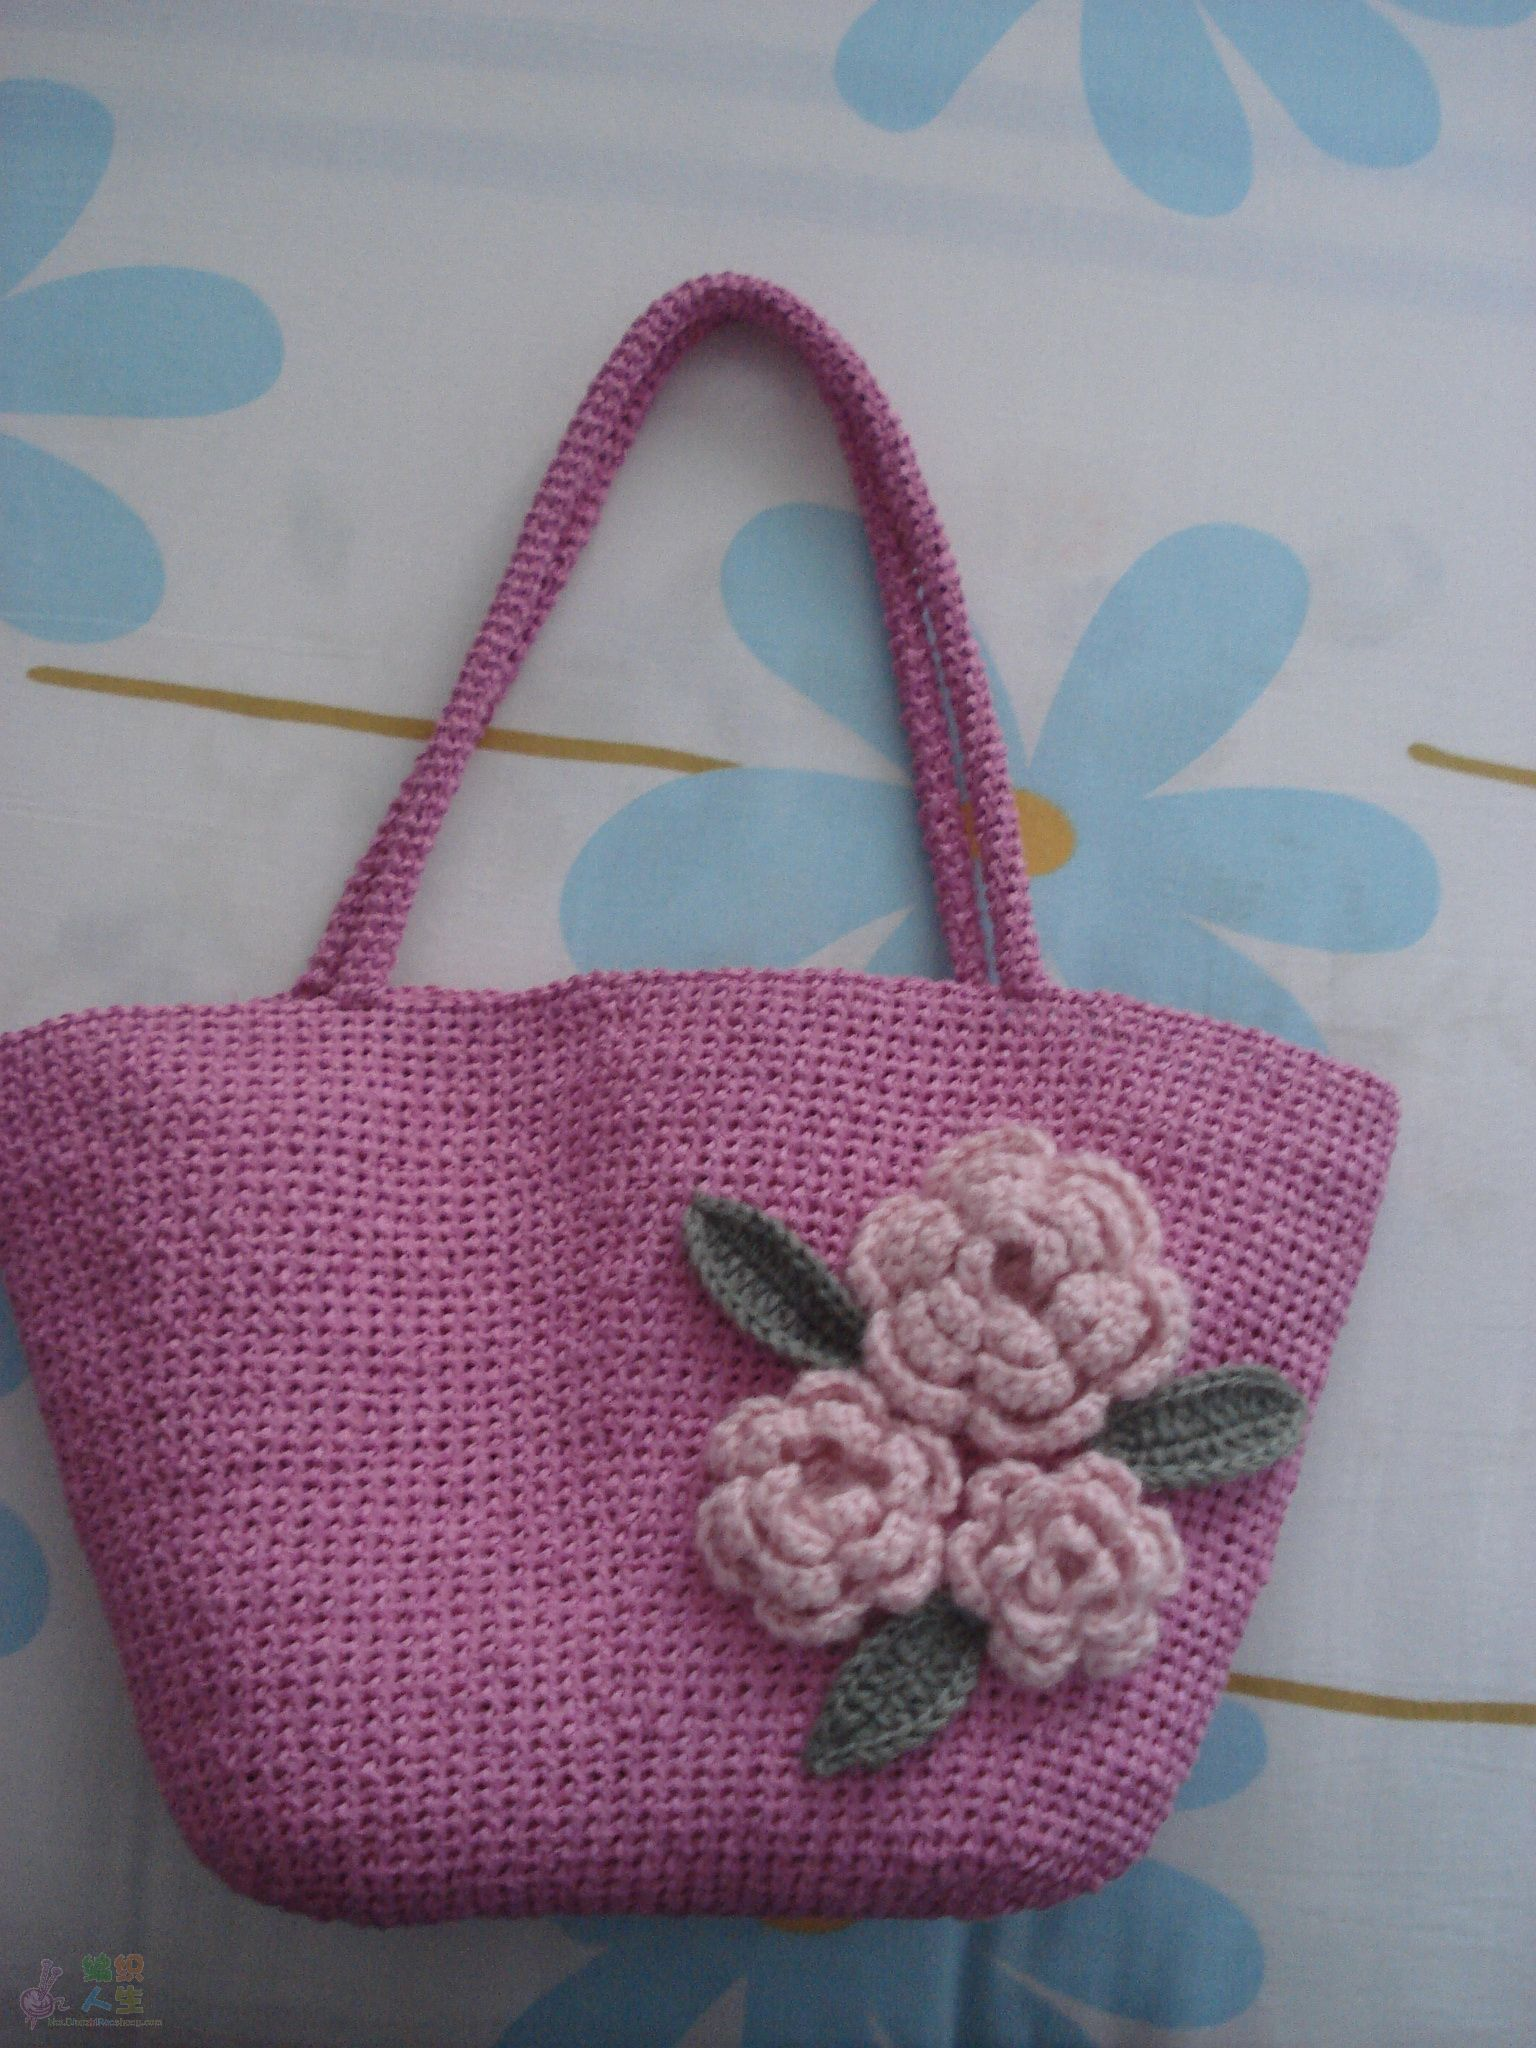 纸绳编织花朵图解